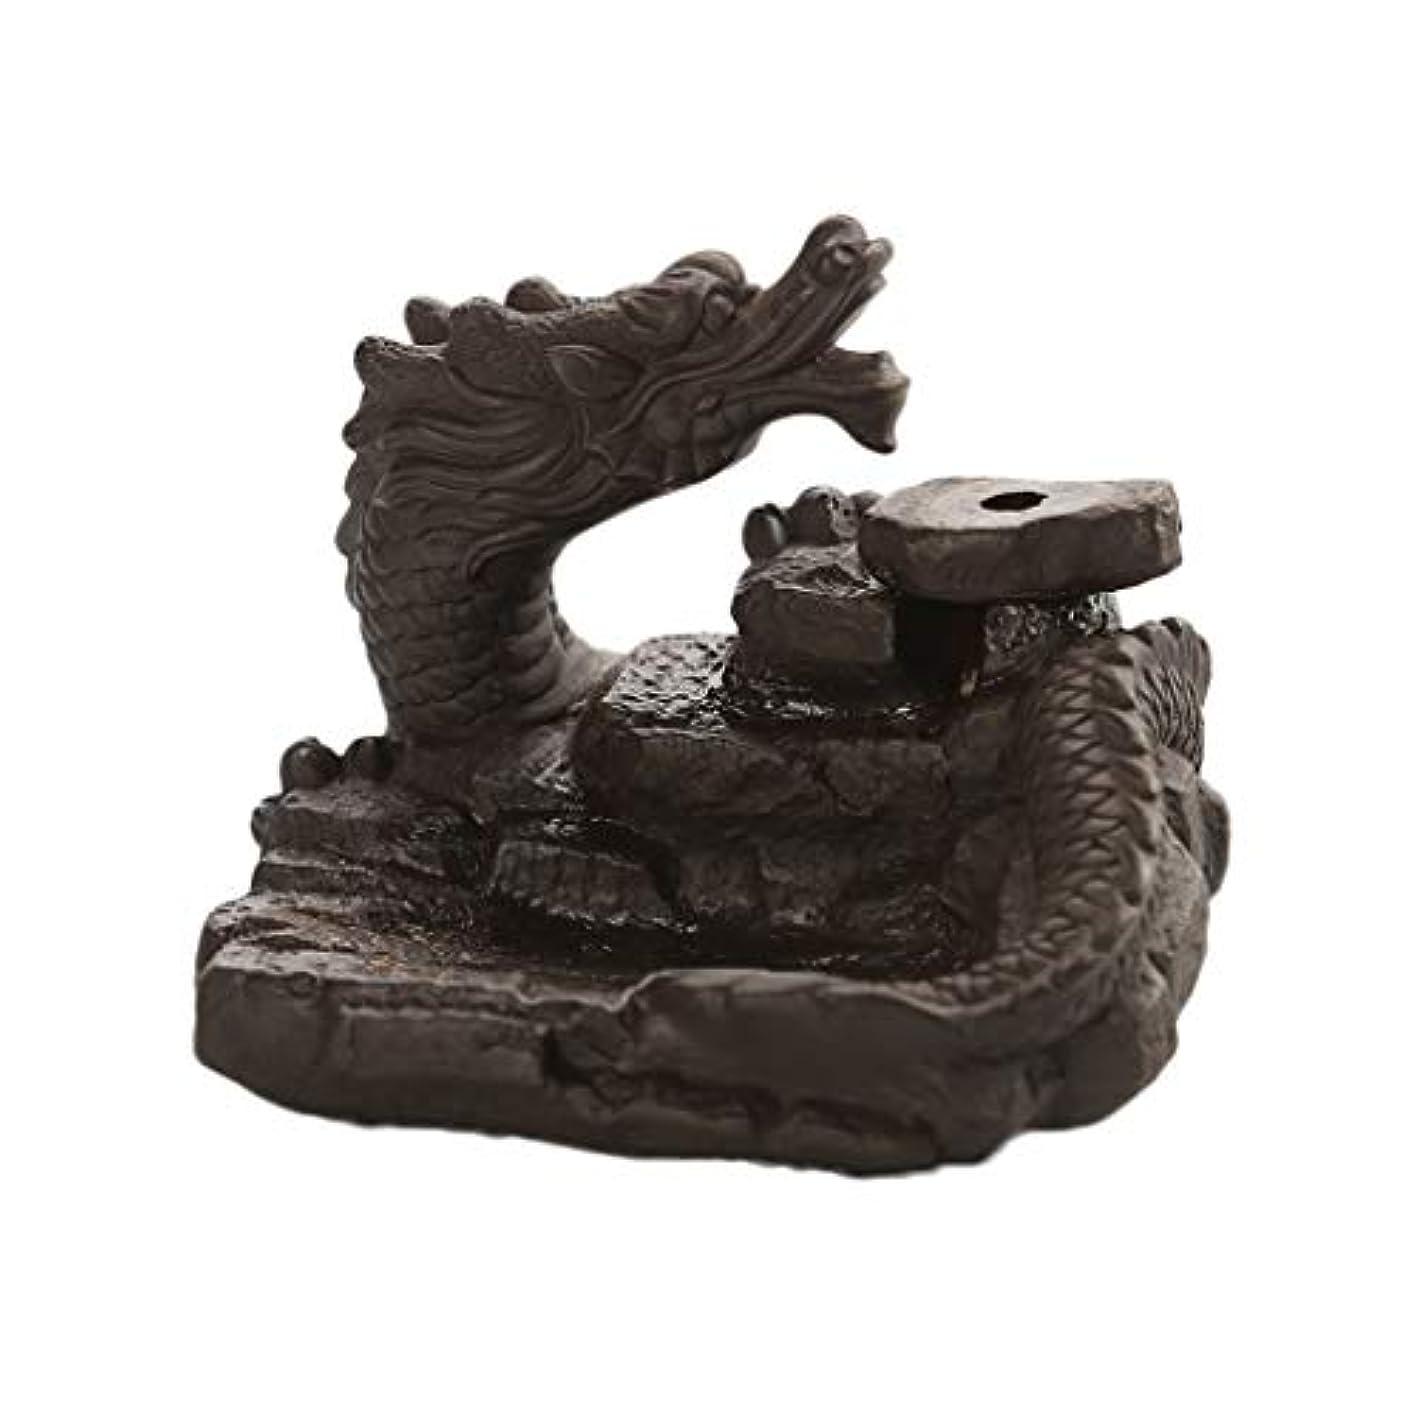 札入れタイトルしっとり家の装飾ドラゴン逆流還流香バーナーセラミックスティックホルダーコーンセンサー茶室飾り香炉 (Color : Black, サイズ : 3.46*3.14*2.36 inches)